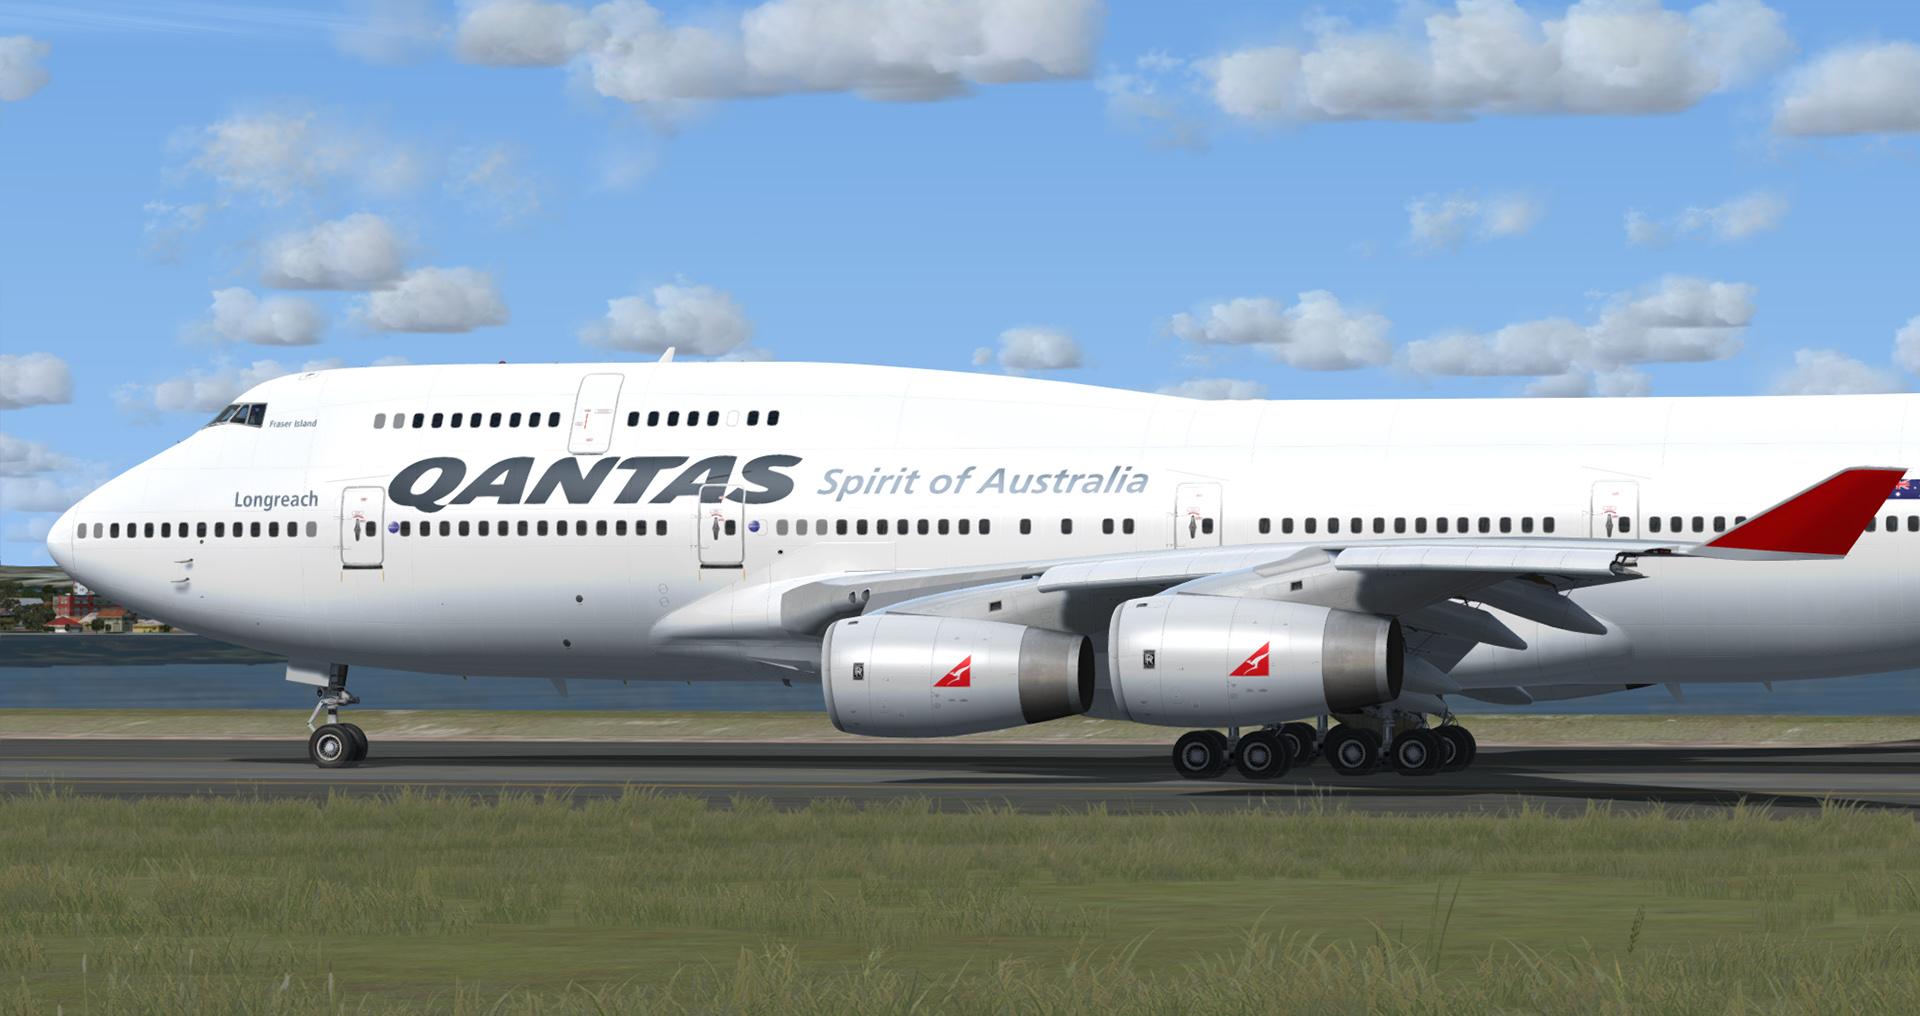 Qantas_002.jpg